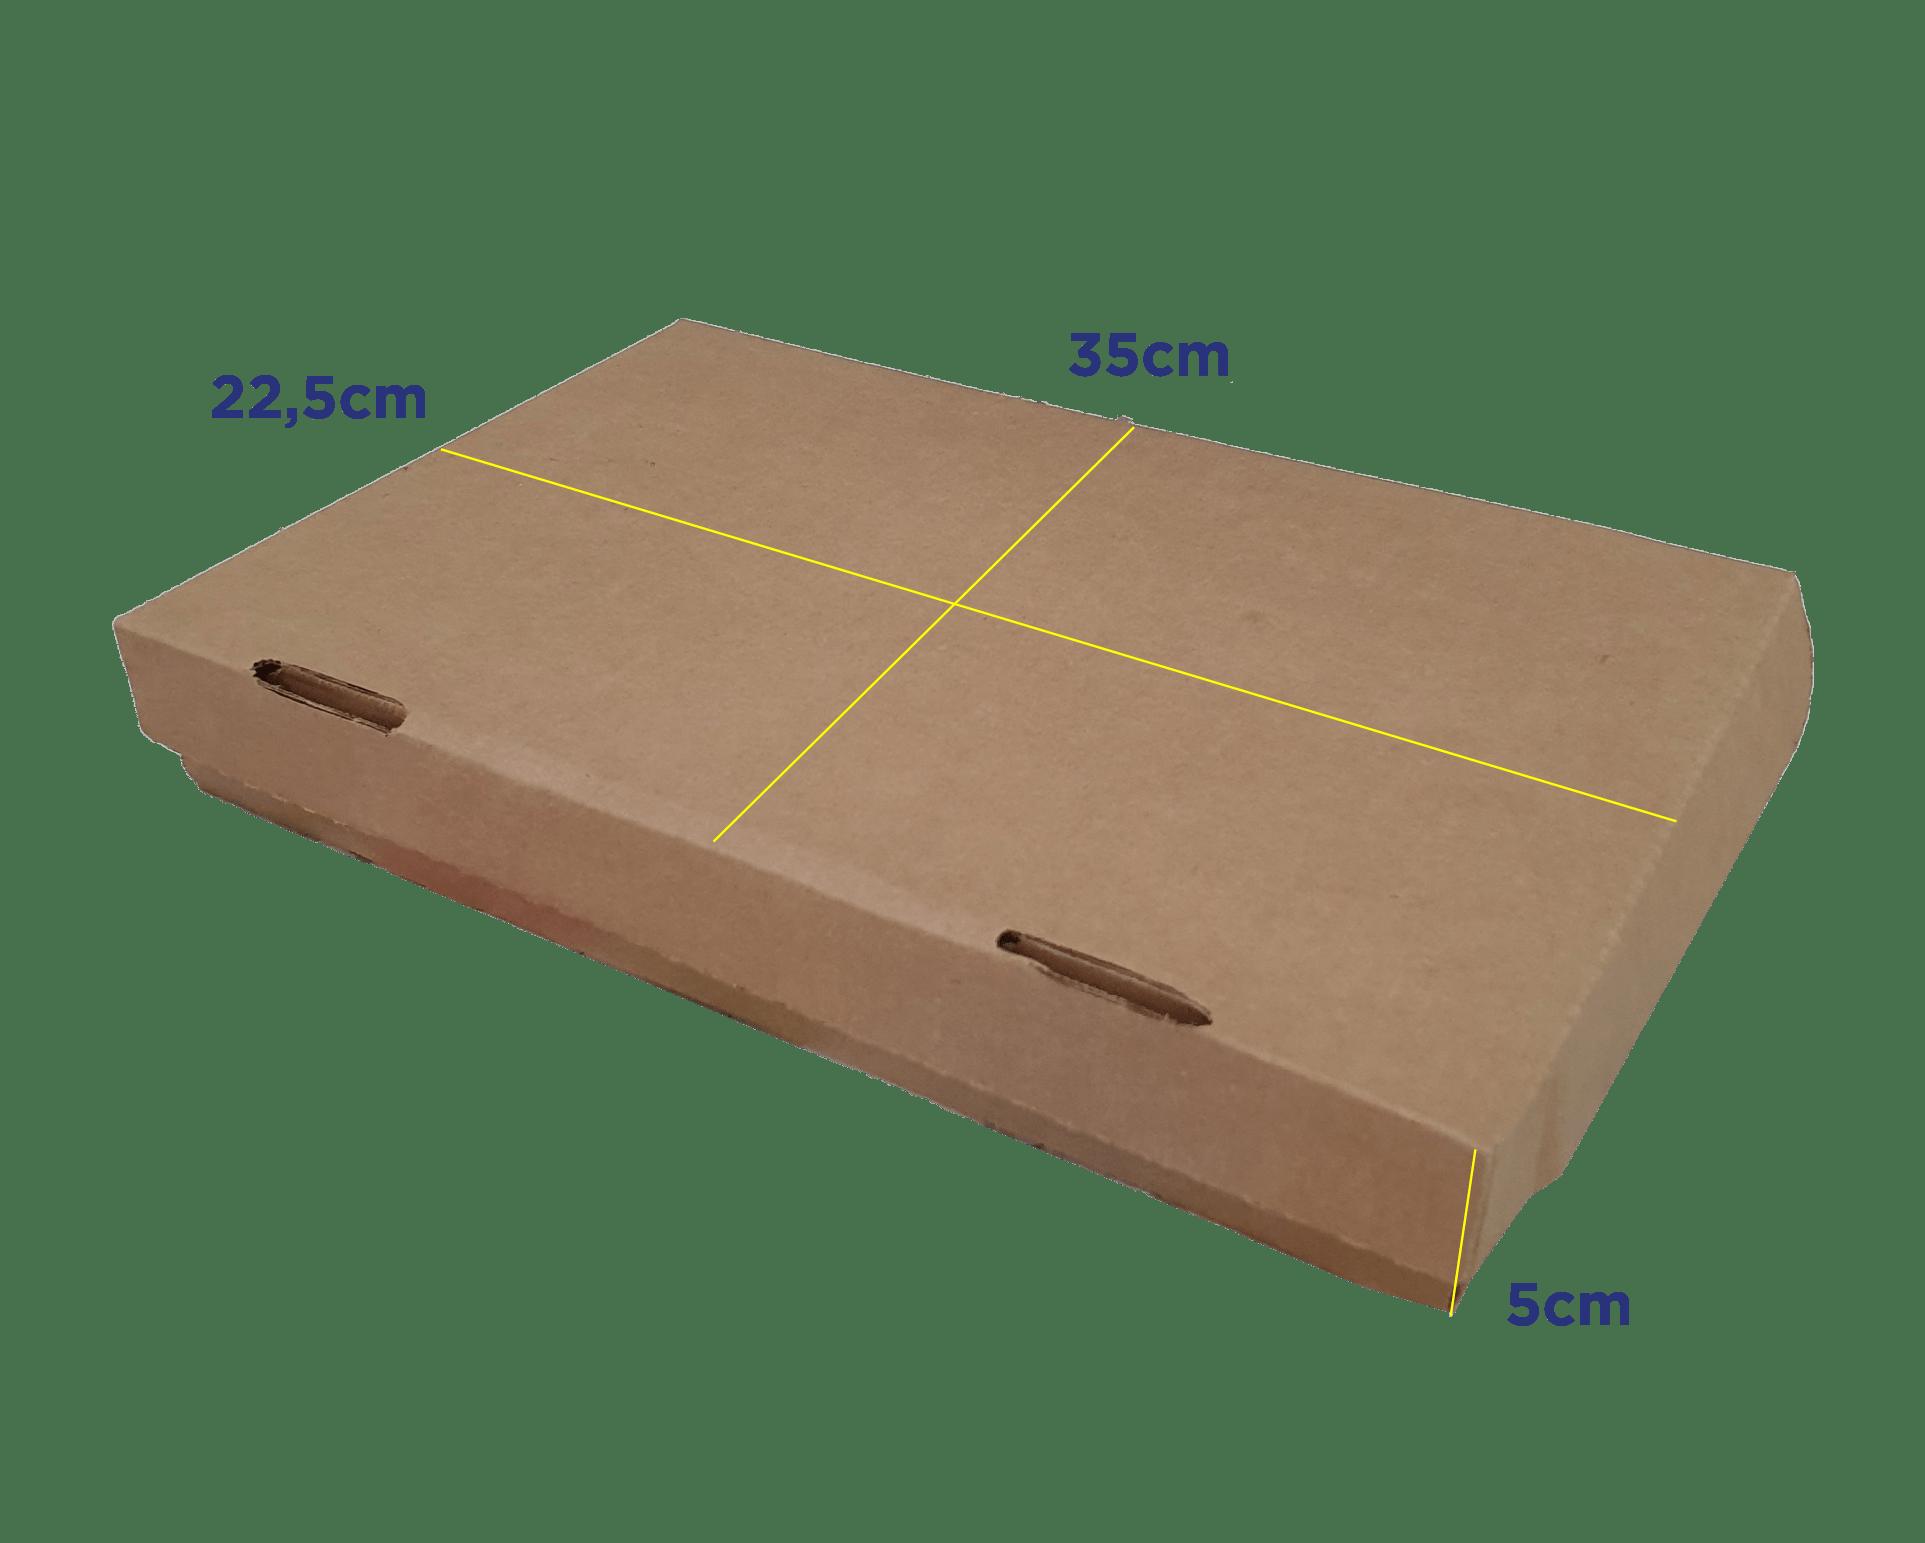 CAIXA RETANGULAR M - 35 x 22,5 x 5cm - PACK C/25 UND